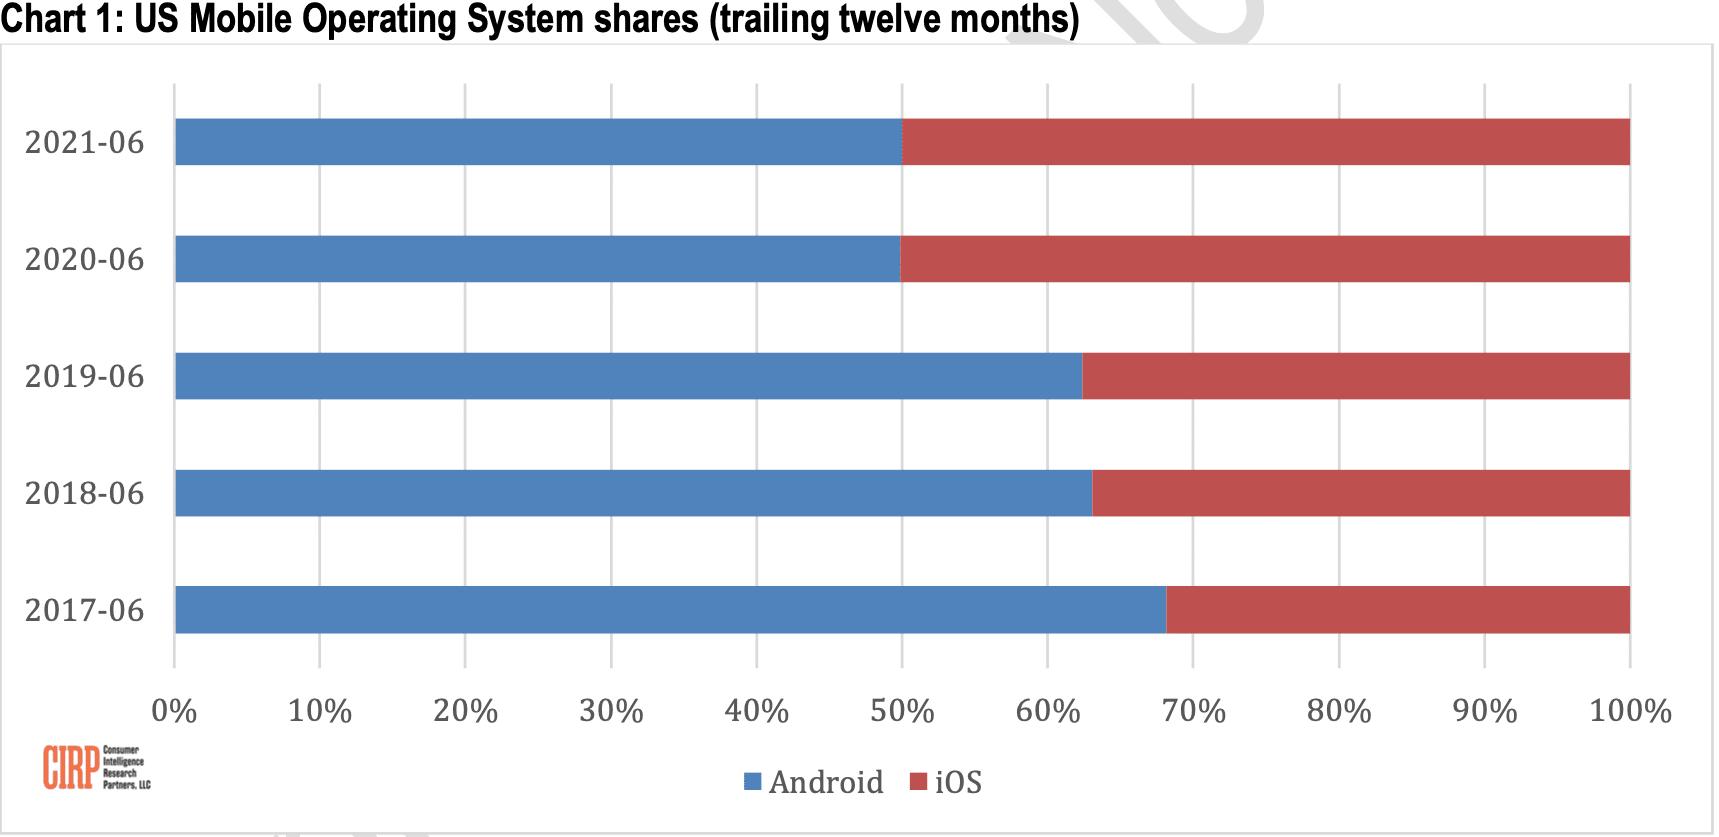 CIRP: ativação de dispositivos iOS/Android nos EUA